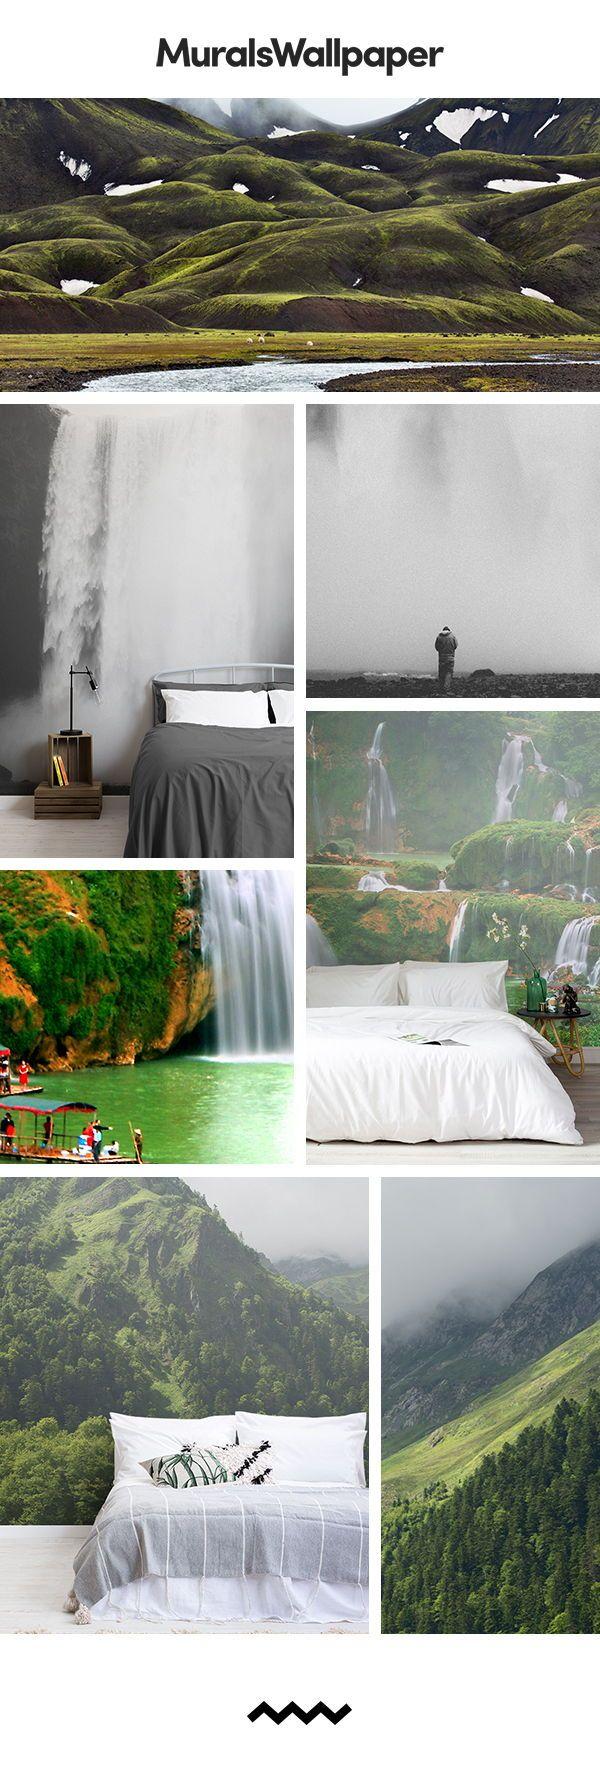 Natur Schlafzimmer Ideen Schaffen Mit Der Natur Inspiriert Schlafzimmer  Wald Tapeten, Bilden Ruhige Räume Für Sie Zur Ruhe Und Neu2026